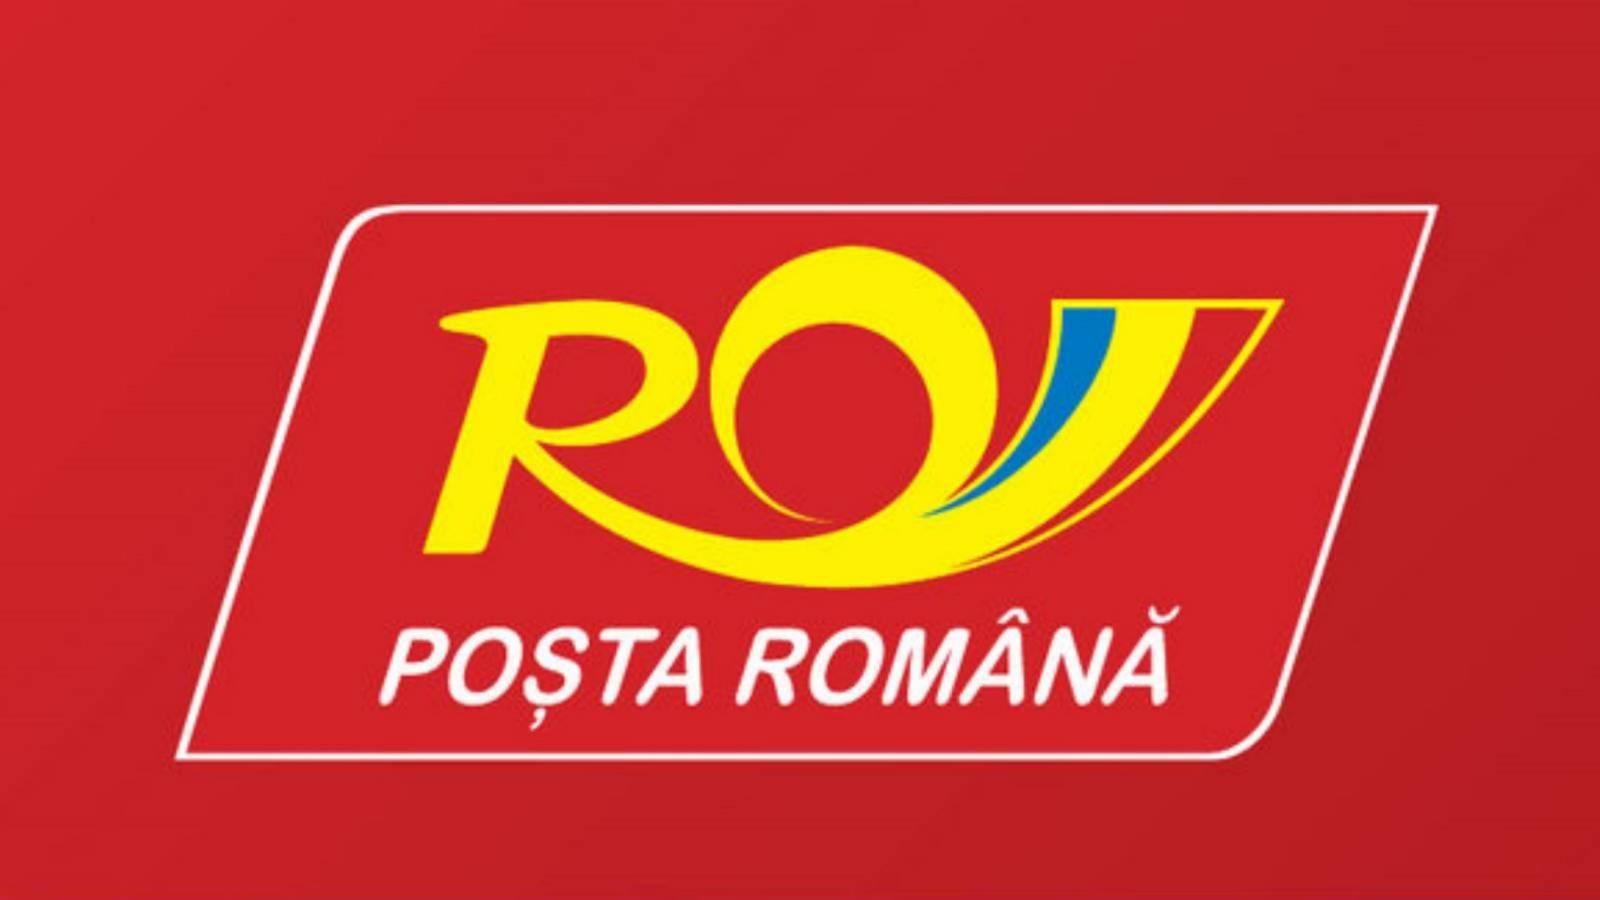 Anuntul posta romana ultra rapid